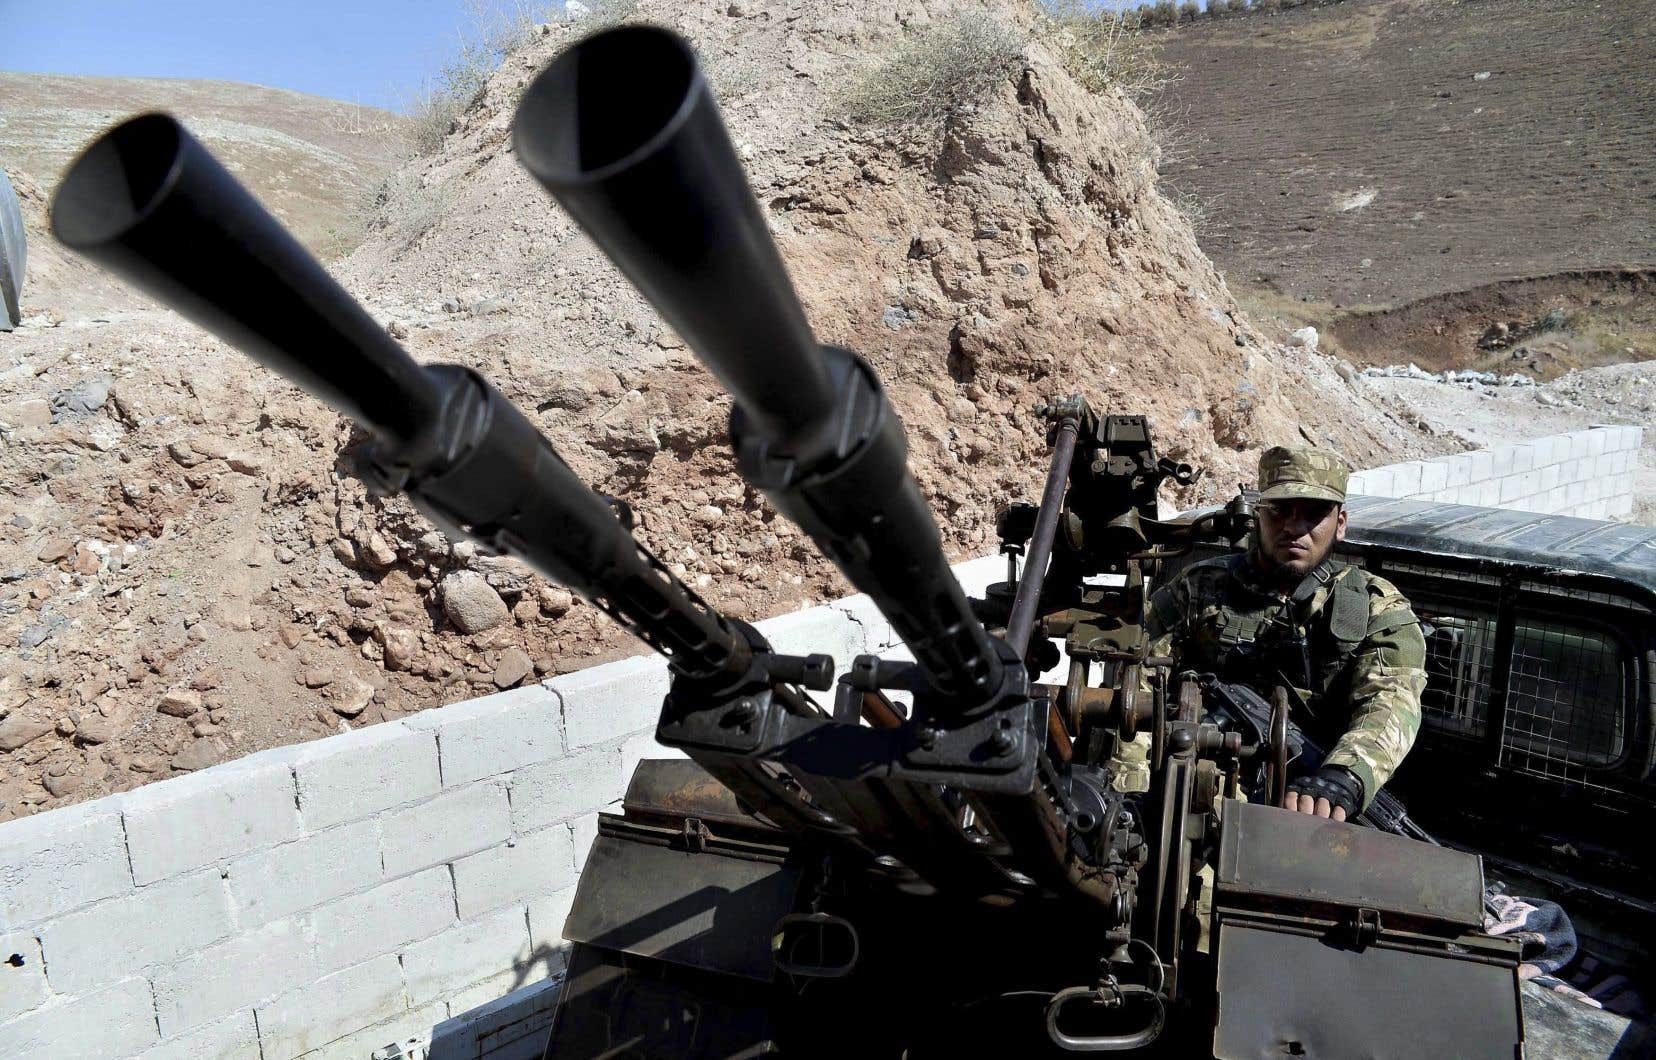 Les armes lourdes des insurgés devaient être retirées avant le 10octobre, tandis que les djihadistes devaient avoir quitté les lieux à la mi-octobre.